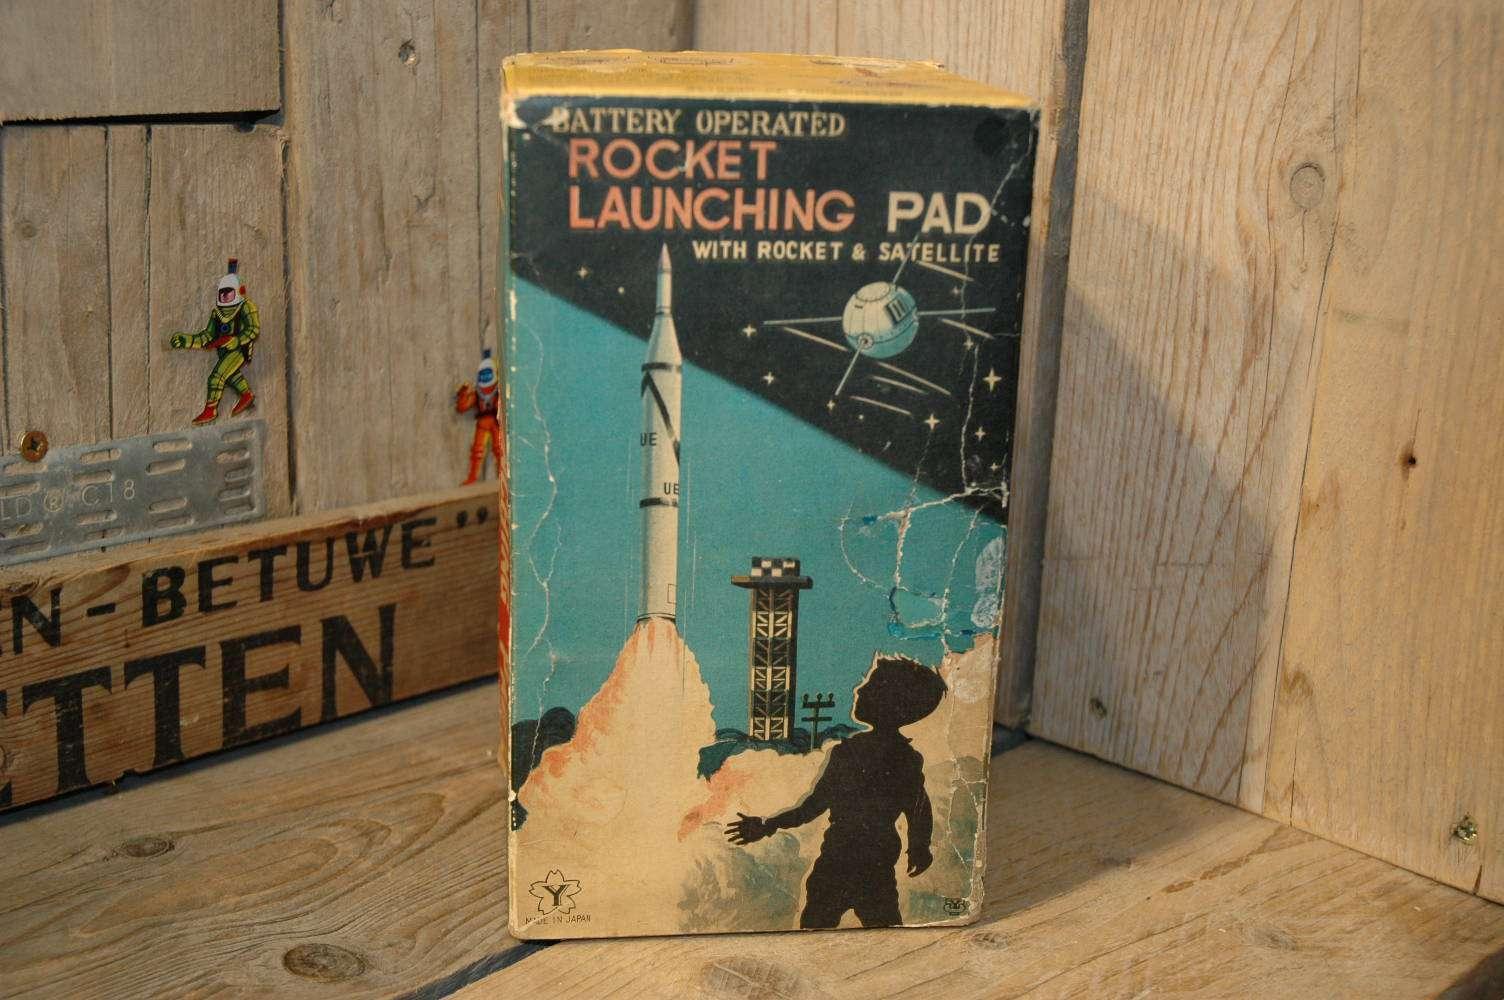 Yonezawa - Rocket Launching Pad